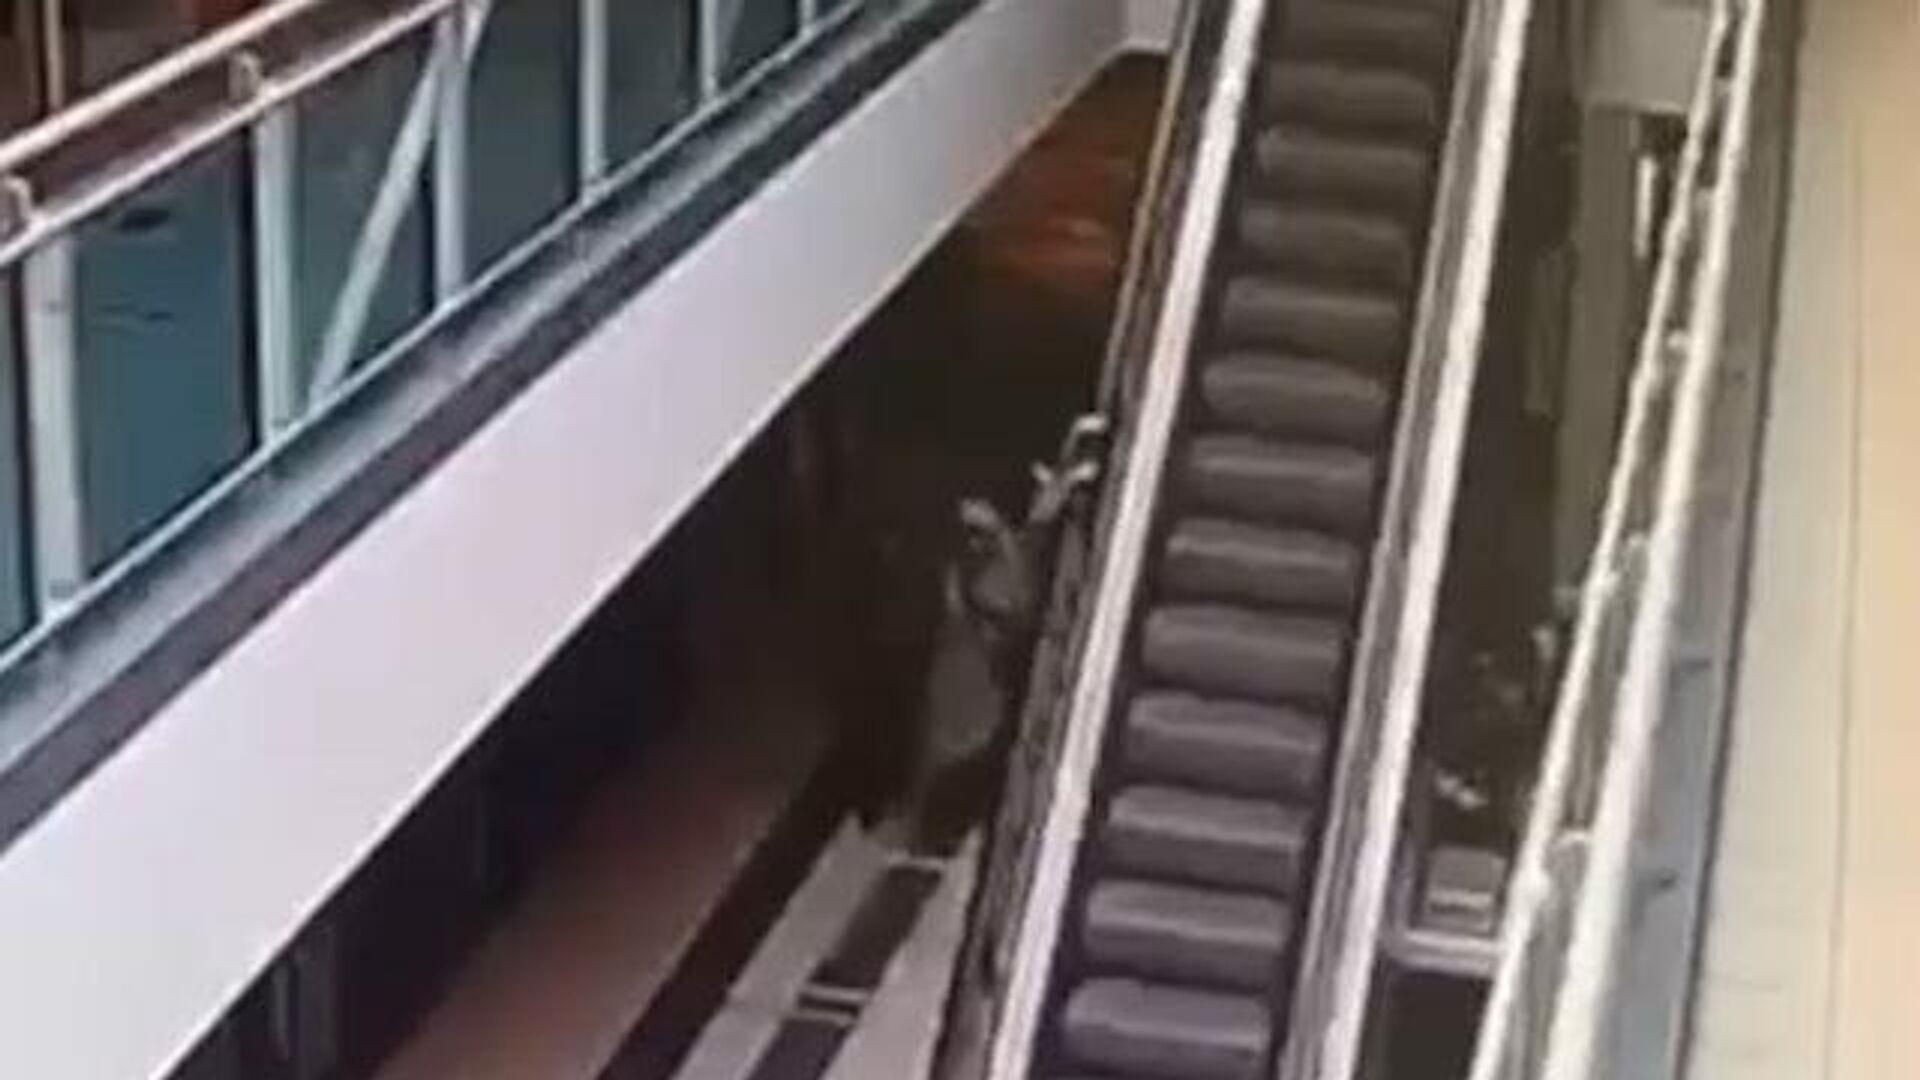 Ребенок сорвался с высоты на эскалаторе в ТЦ. Кадры камеры наблюдения - РИА Новости, 1920, 04.03.2021